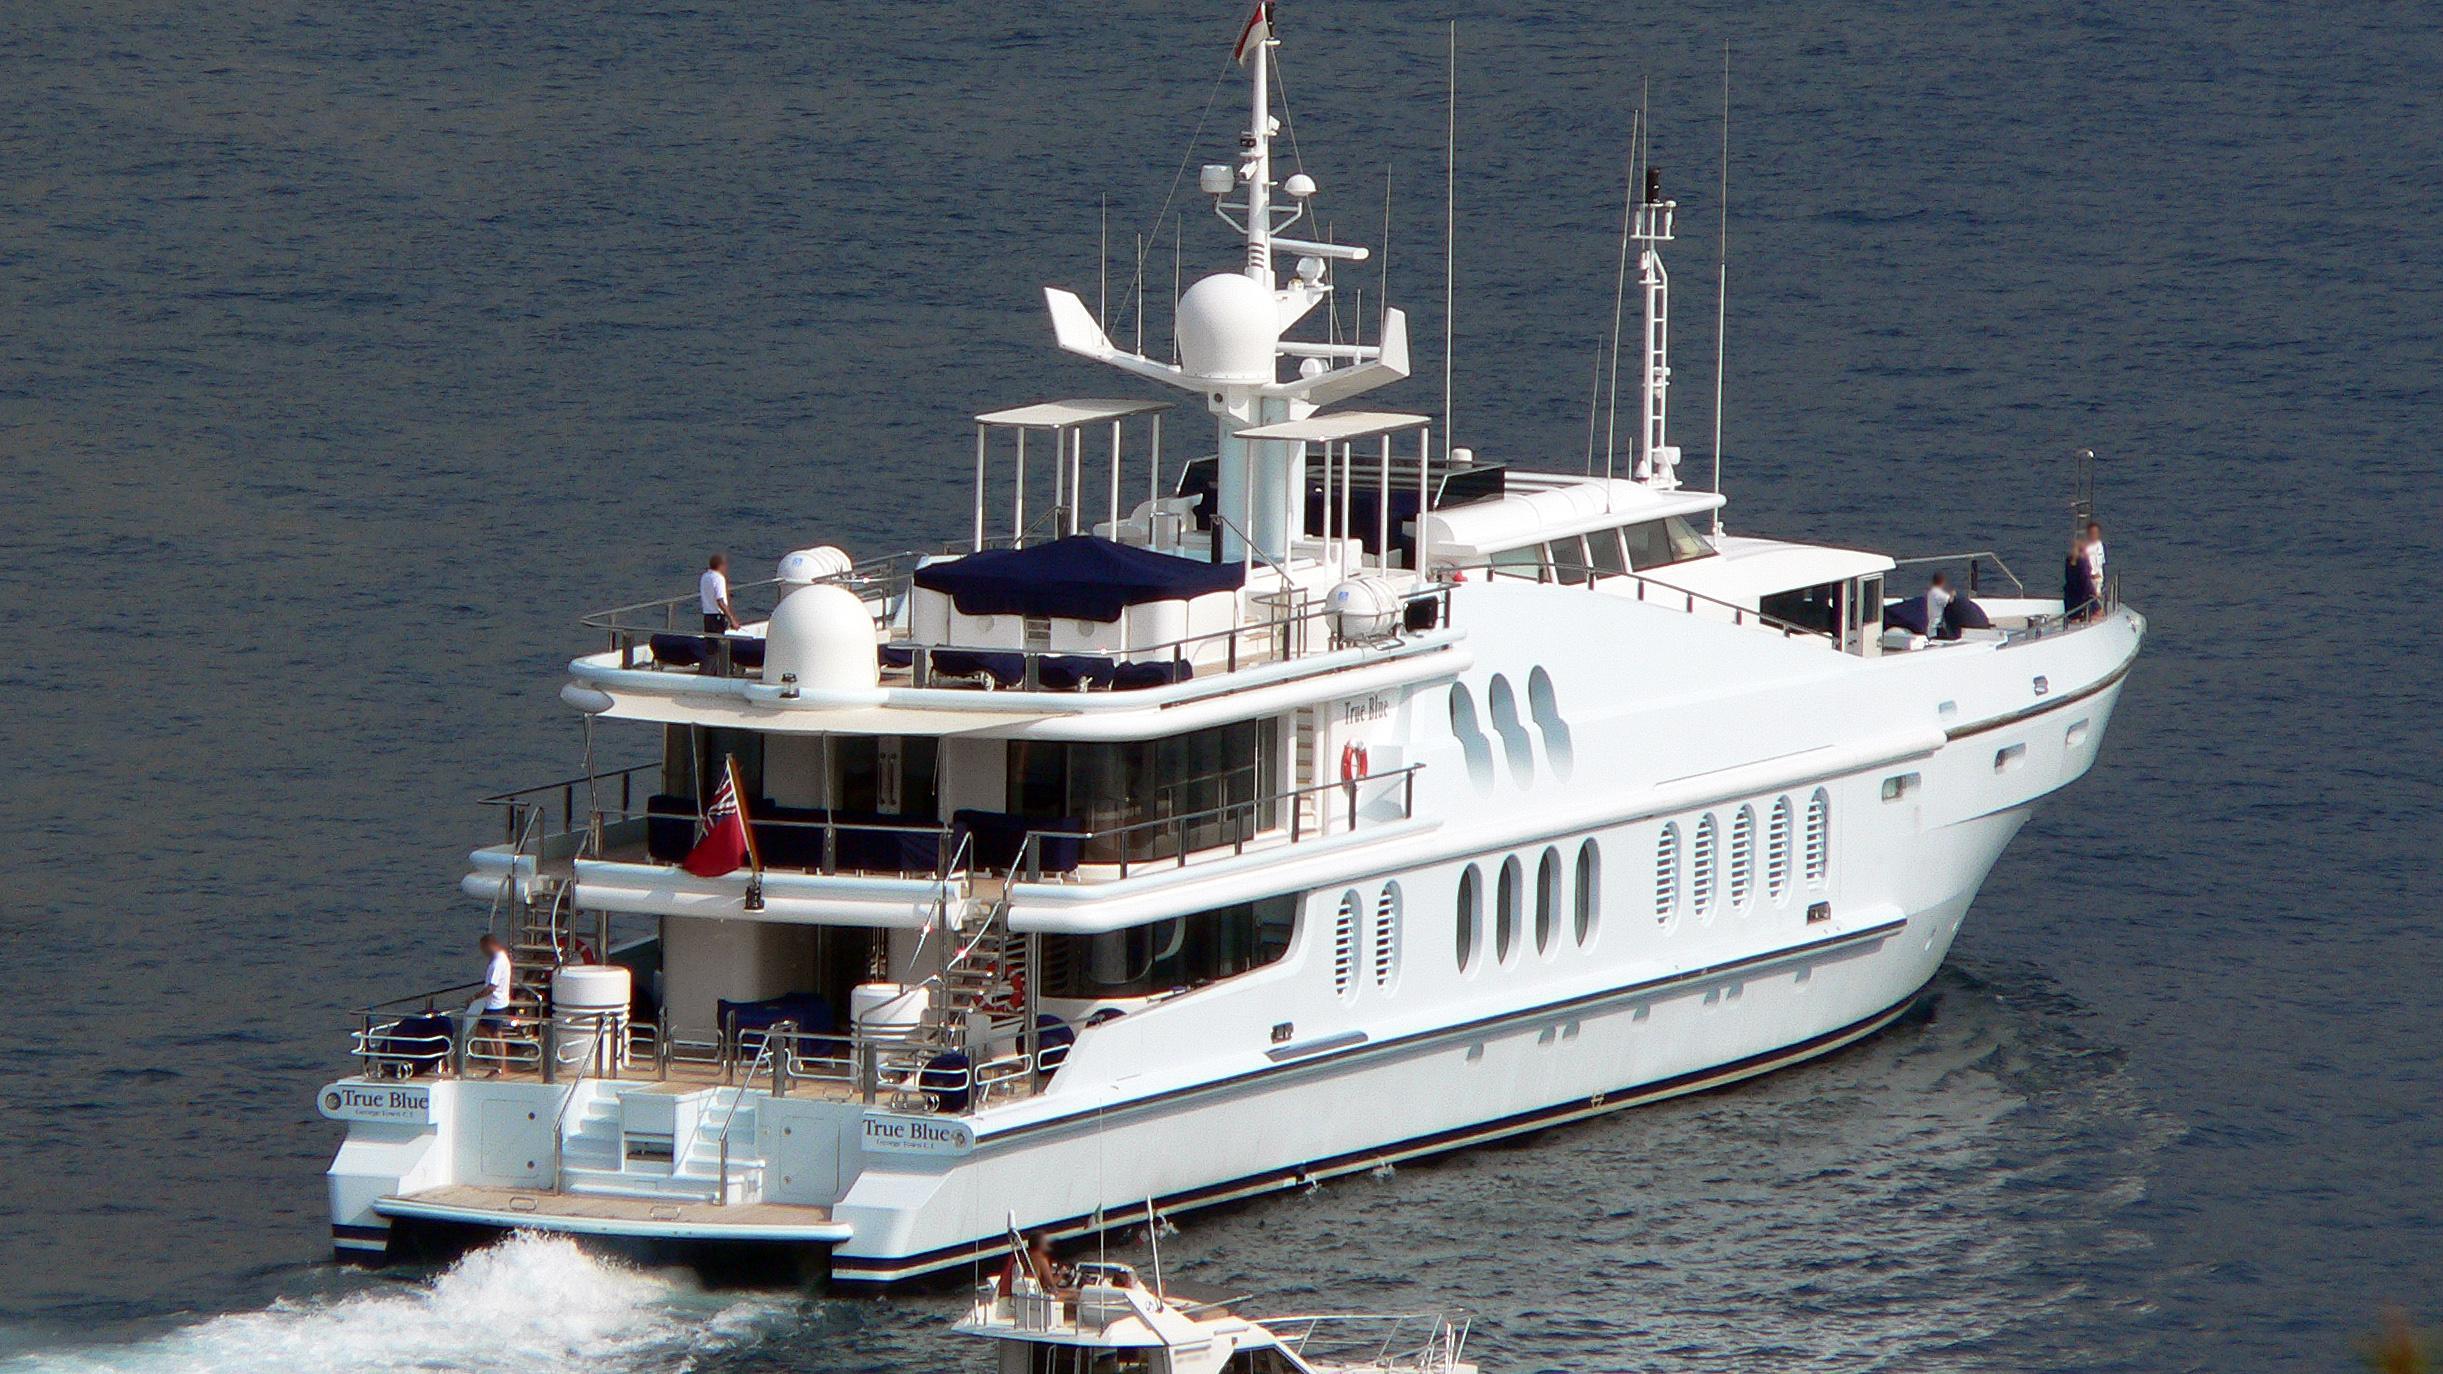 oceana-motor-yacht-oceanfast-1991-55m-stern-before-refit